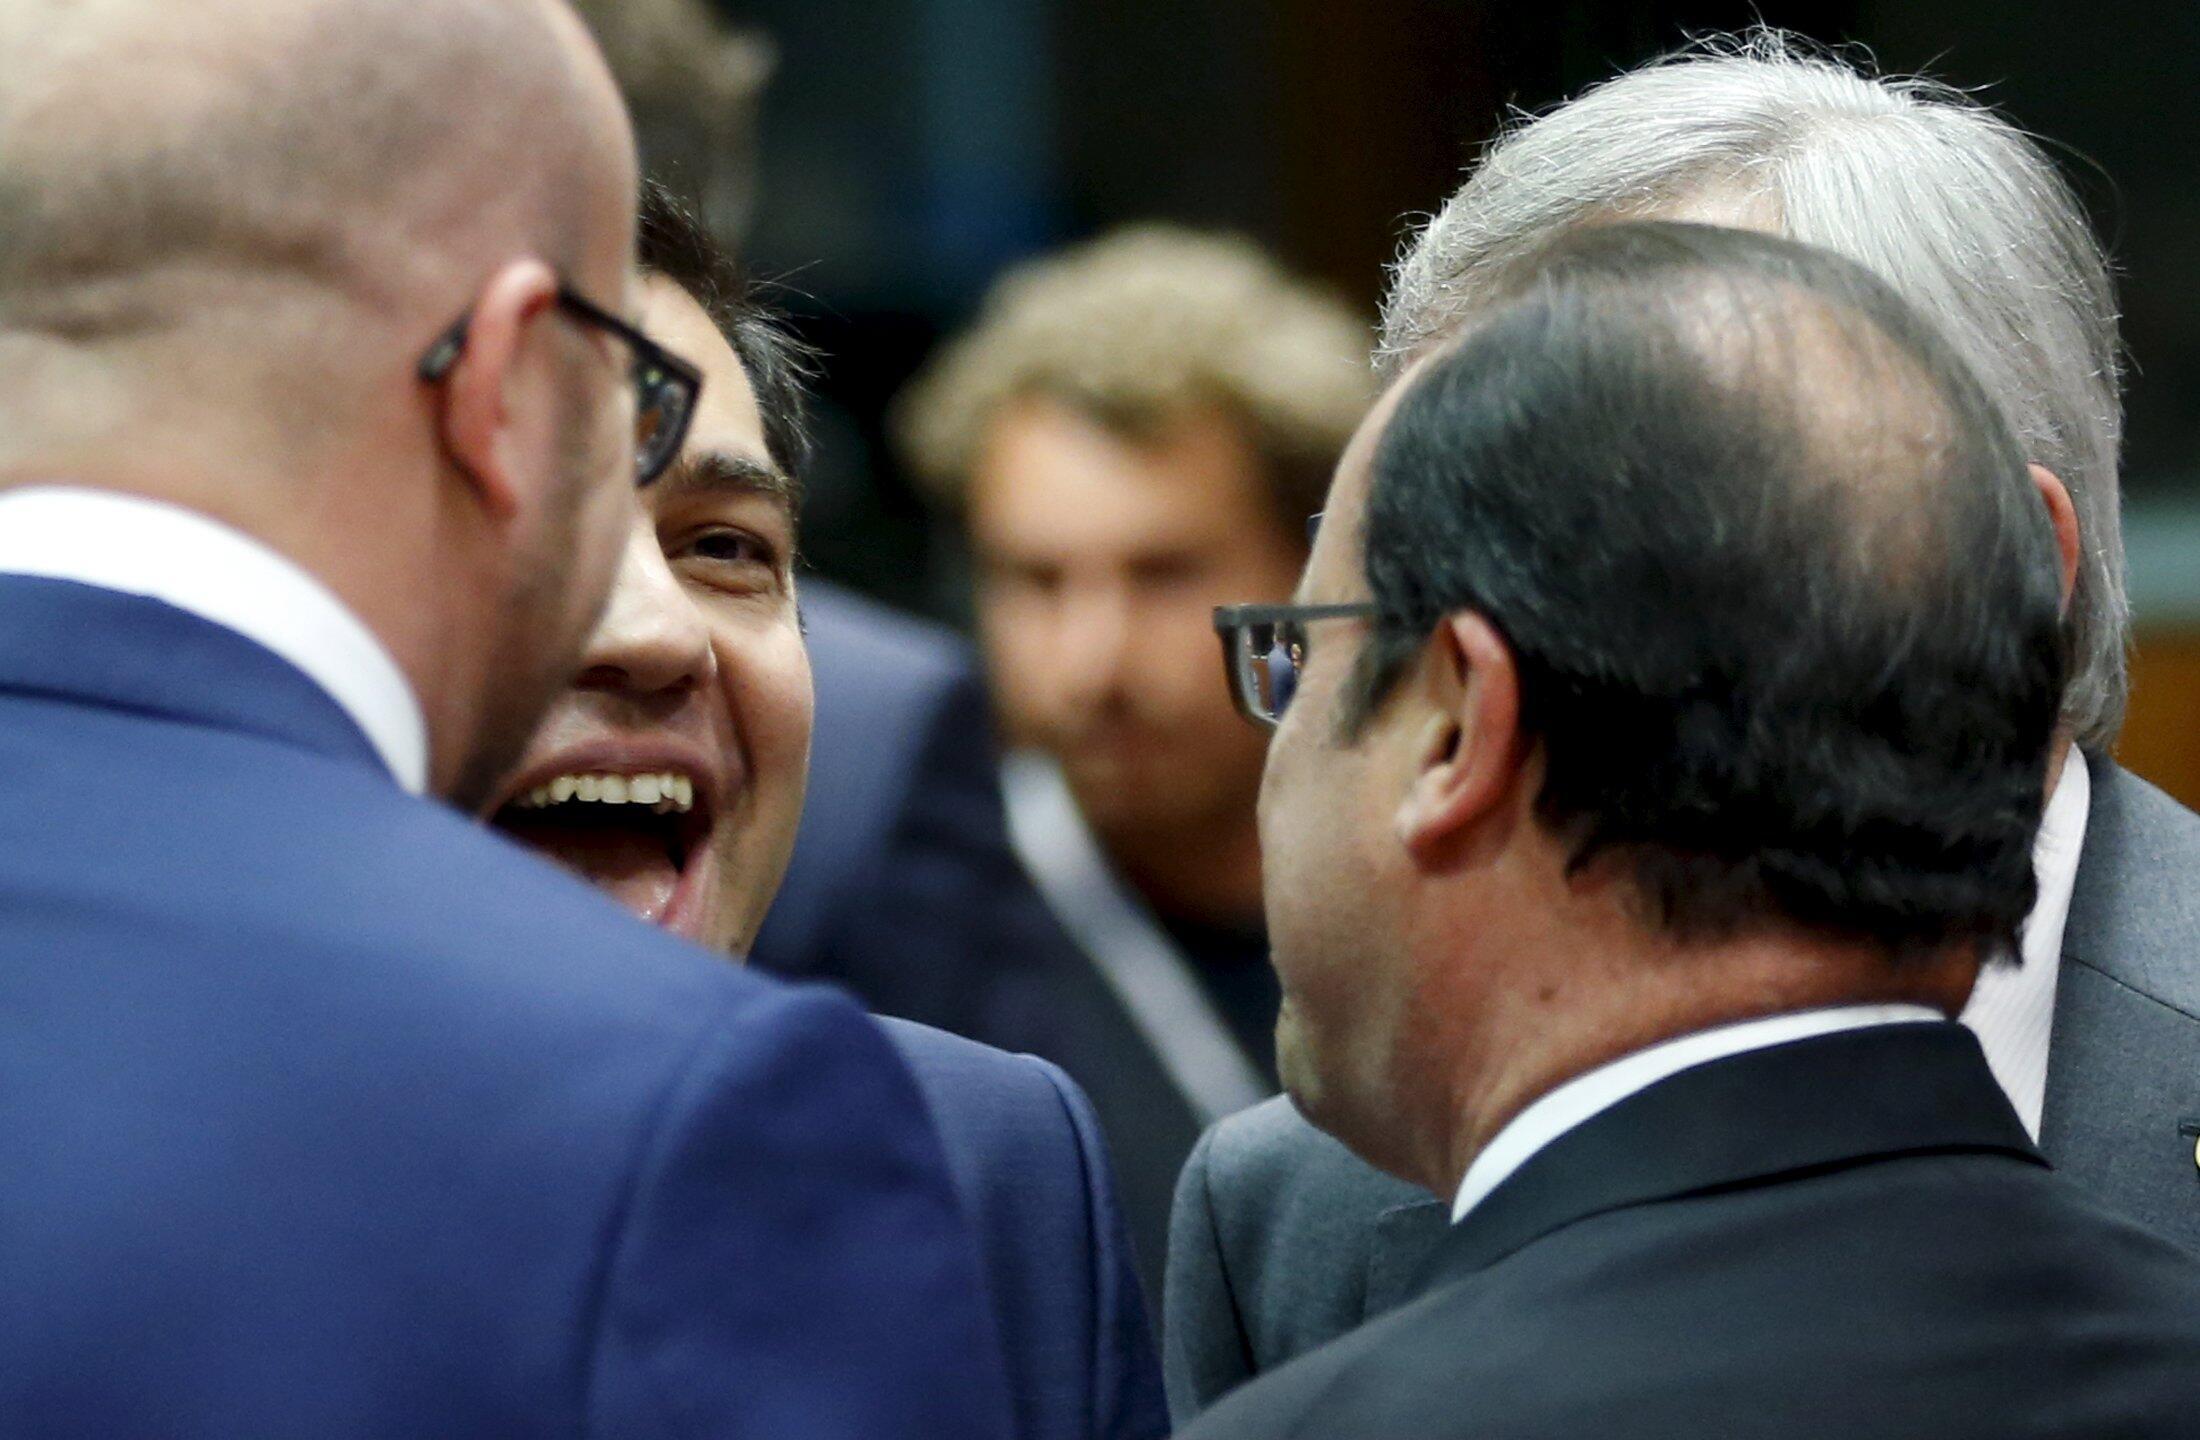 Премьер-министр Греции Алексис Ципрас, глава Еврокомиссии Жан-Клод Юнкер, президент Франции Франсуа Олланд, премьер-министр Бельгии Шарль Мишель на саммите лидеров стран зоны евро, Брюссель, 12 июля 2015 г.